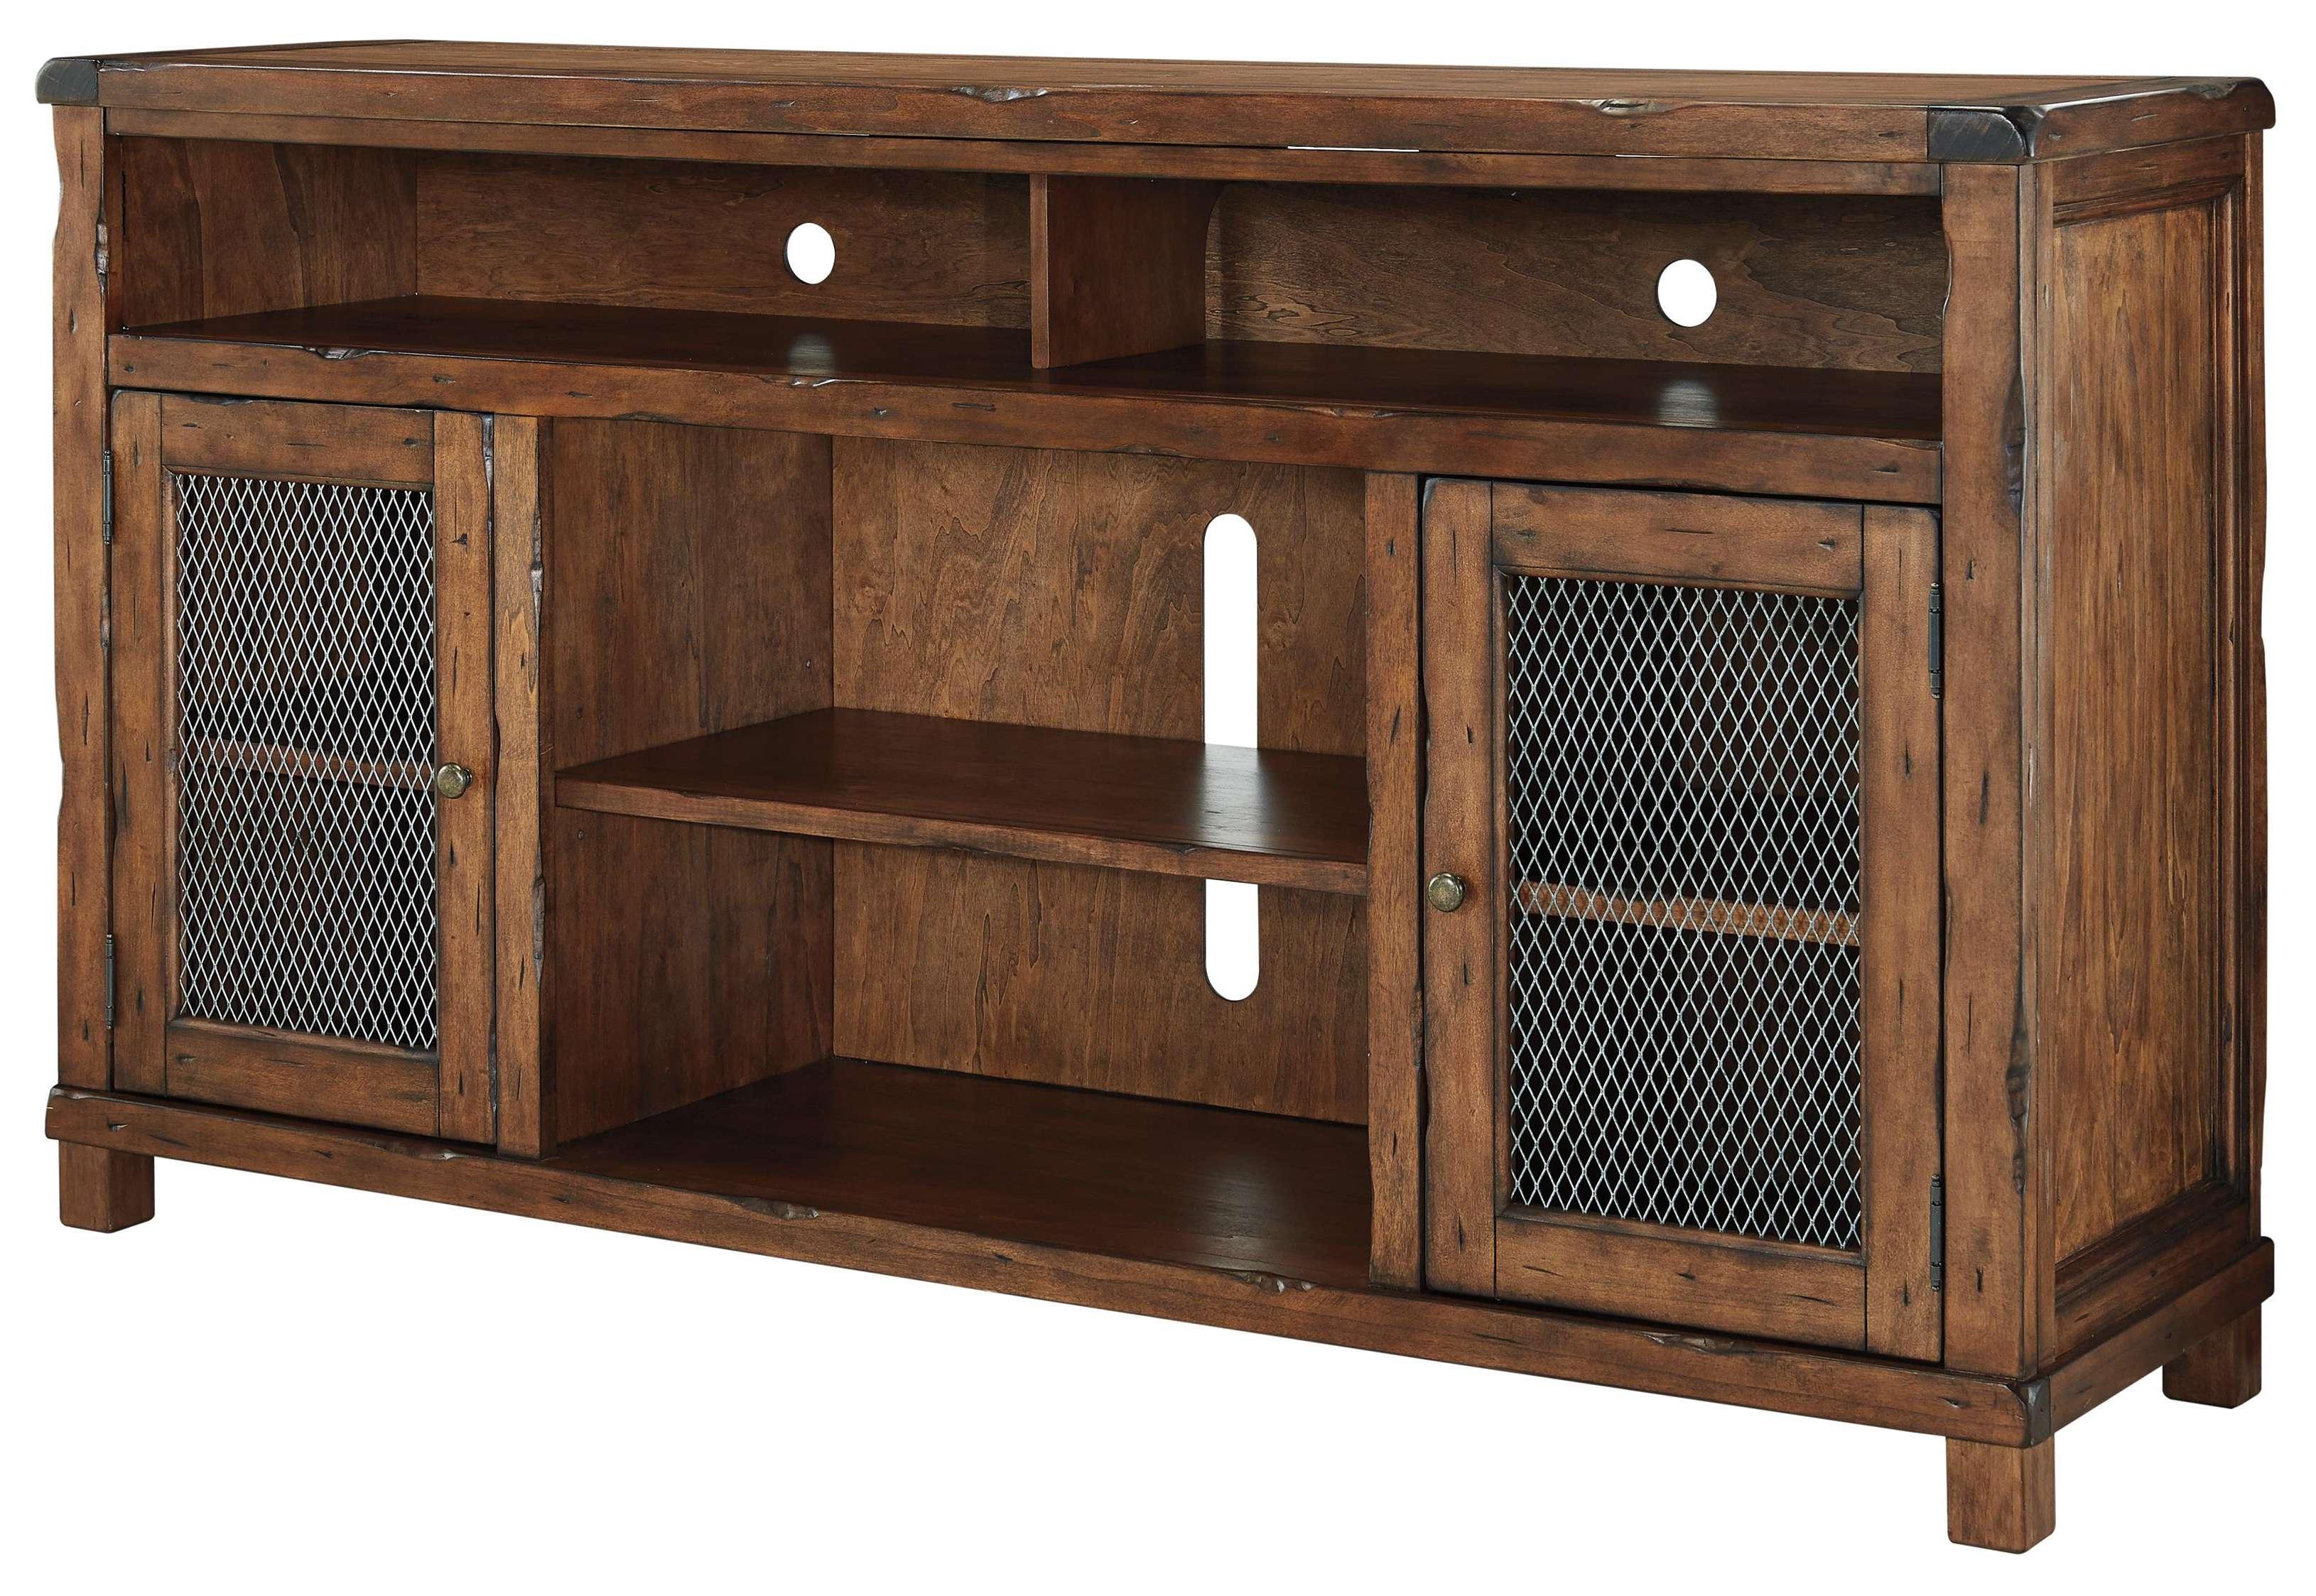 Rustic Mango Veneer Xl Tv Stand With Wire Mesh Doorssignature Regarding Rustic Furniture Tv Stands (View 16 of 20)